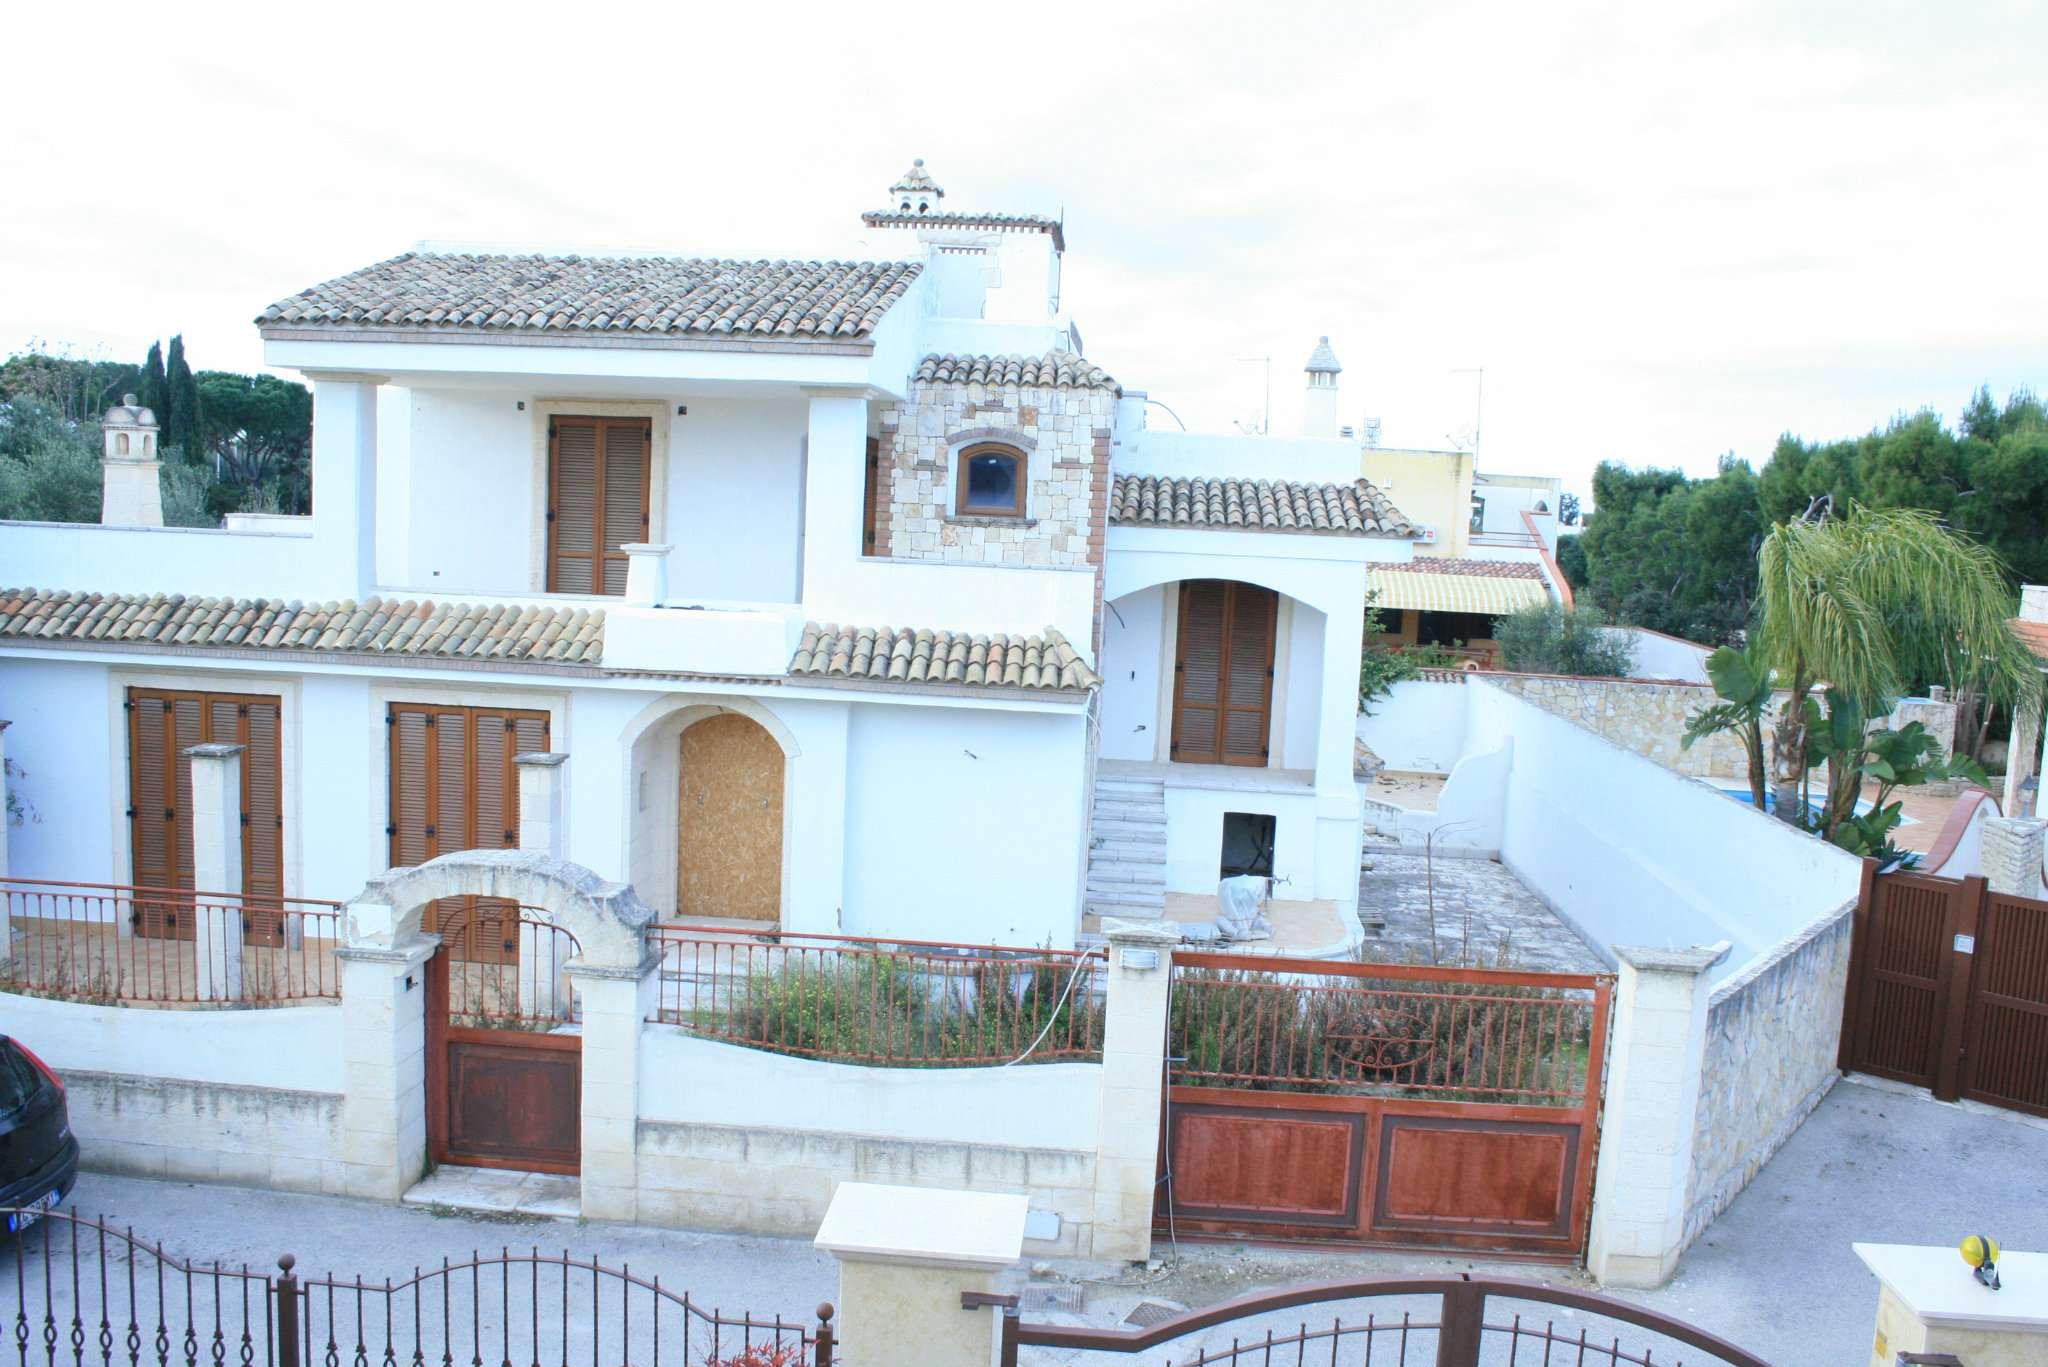 Villa in vendita a Bisceglie, 9999 locali, prezzo € 400.000 | Cambio Casa.it